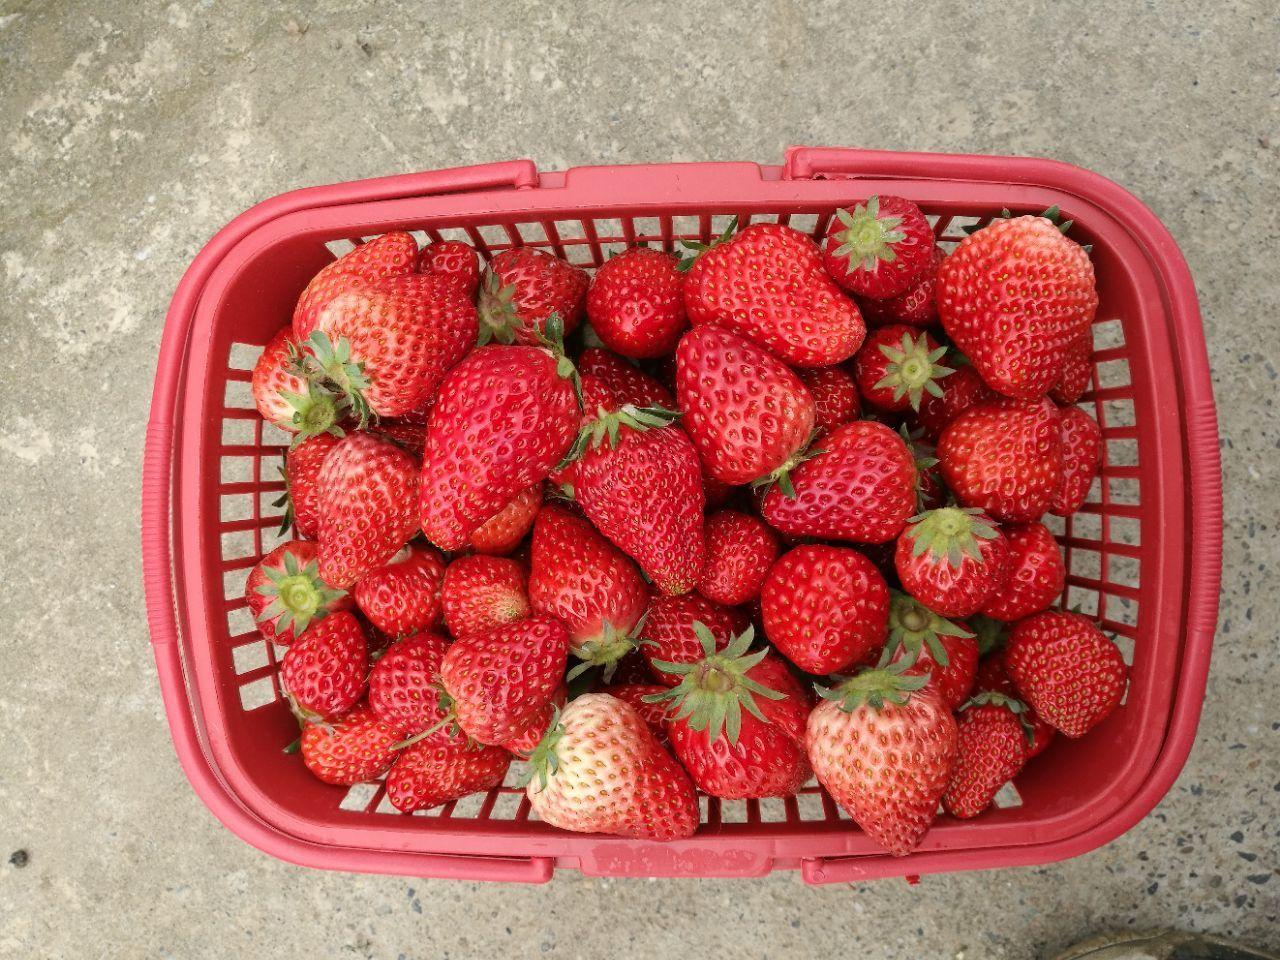 红姬草莓采摘基地